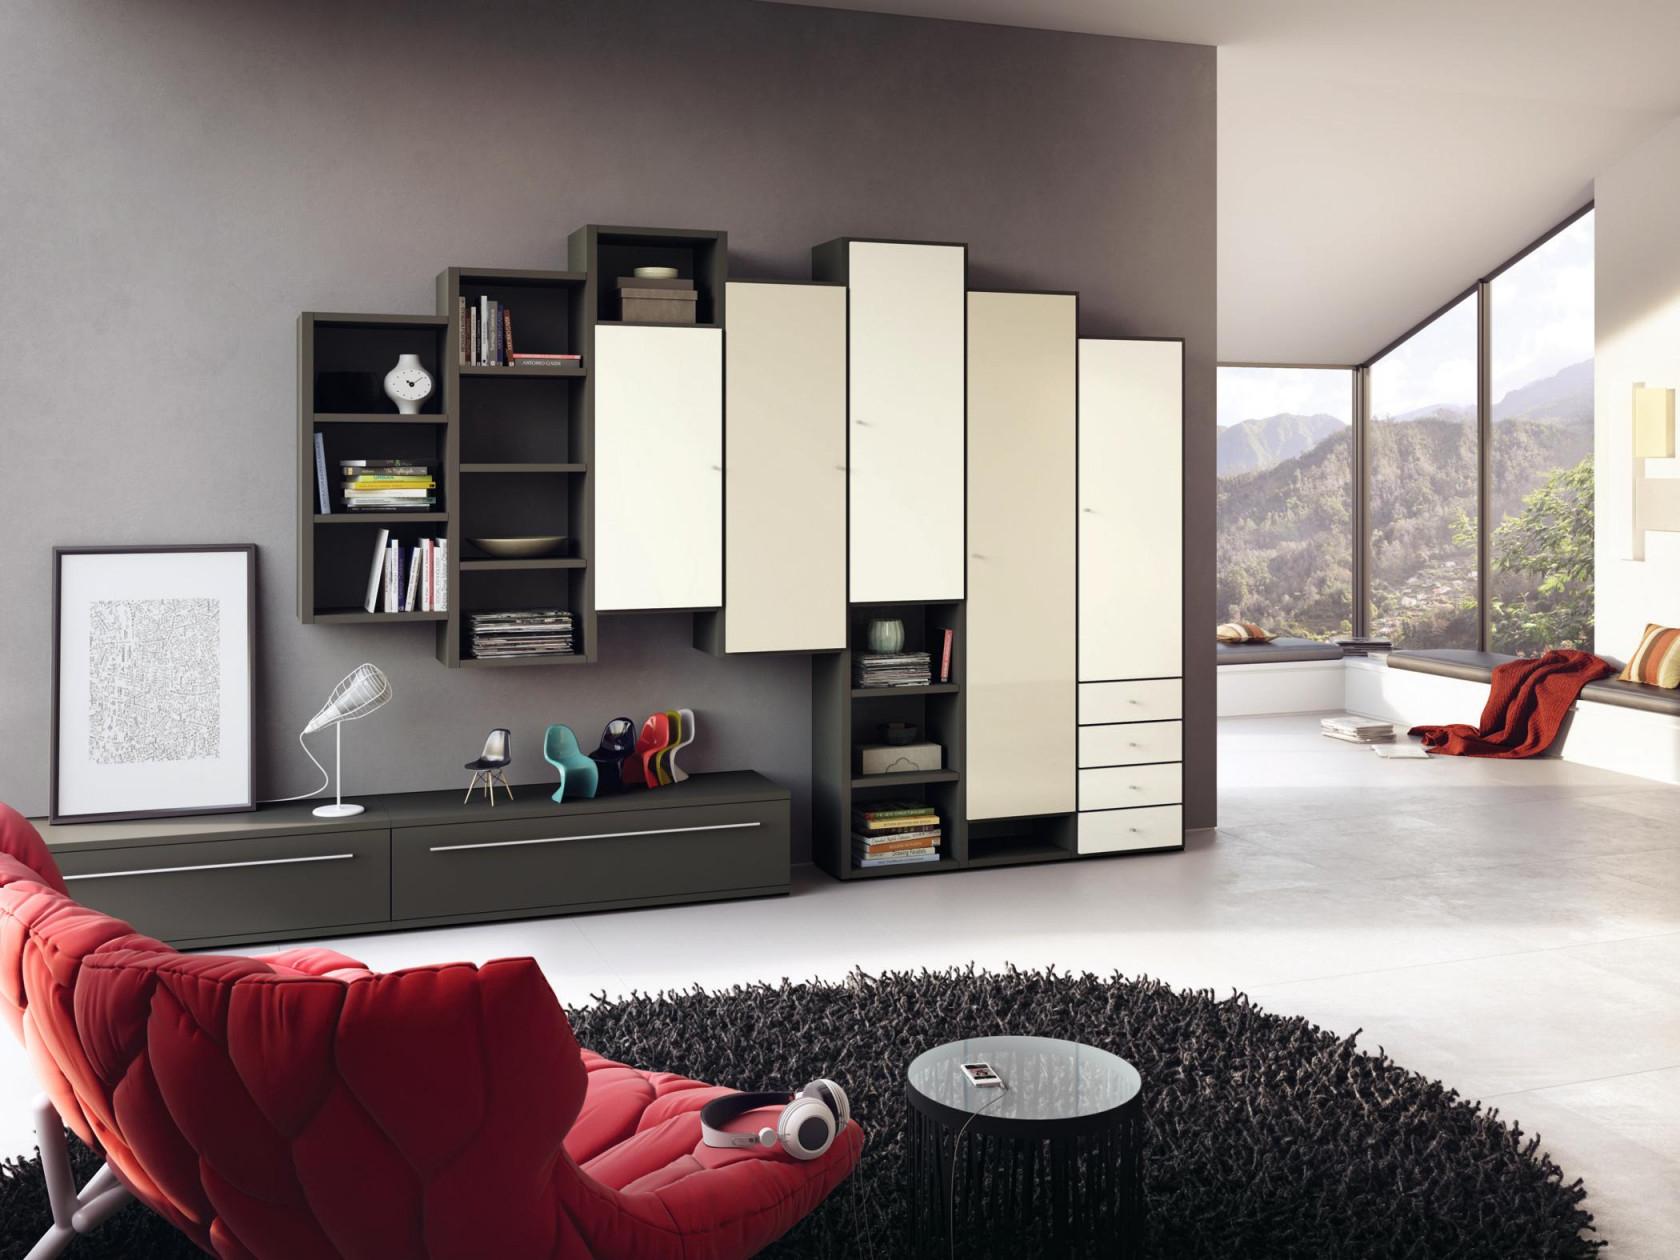 Wohnzimmer Mit Wohnwand Gestalten Tvmöbel Wohnwand von Wohnwand Gestalten Wohnzimmer Bild